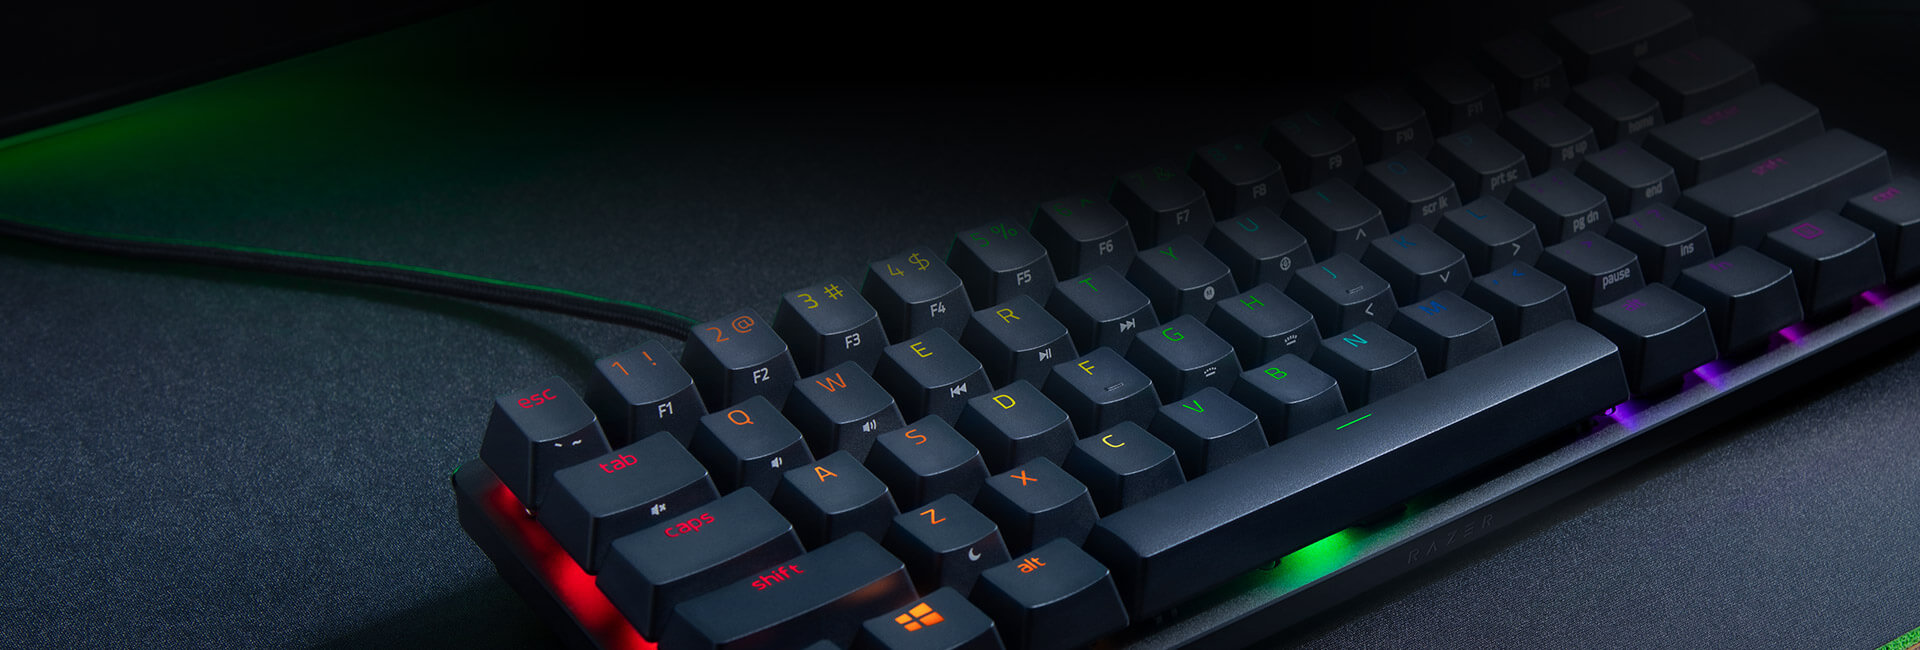 Bàn phím cơ Razer Huntsman Mini Mercury ( Linear Red optical switch) (RZ03-03390400-R3M1) trang bị keycap pbt doubleshot cực bền và cho cảm giác gõ tốt